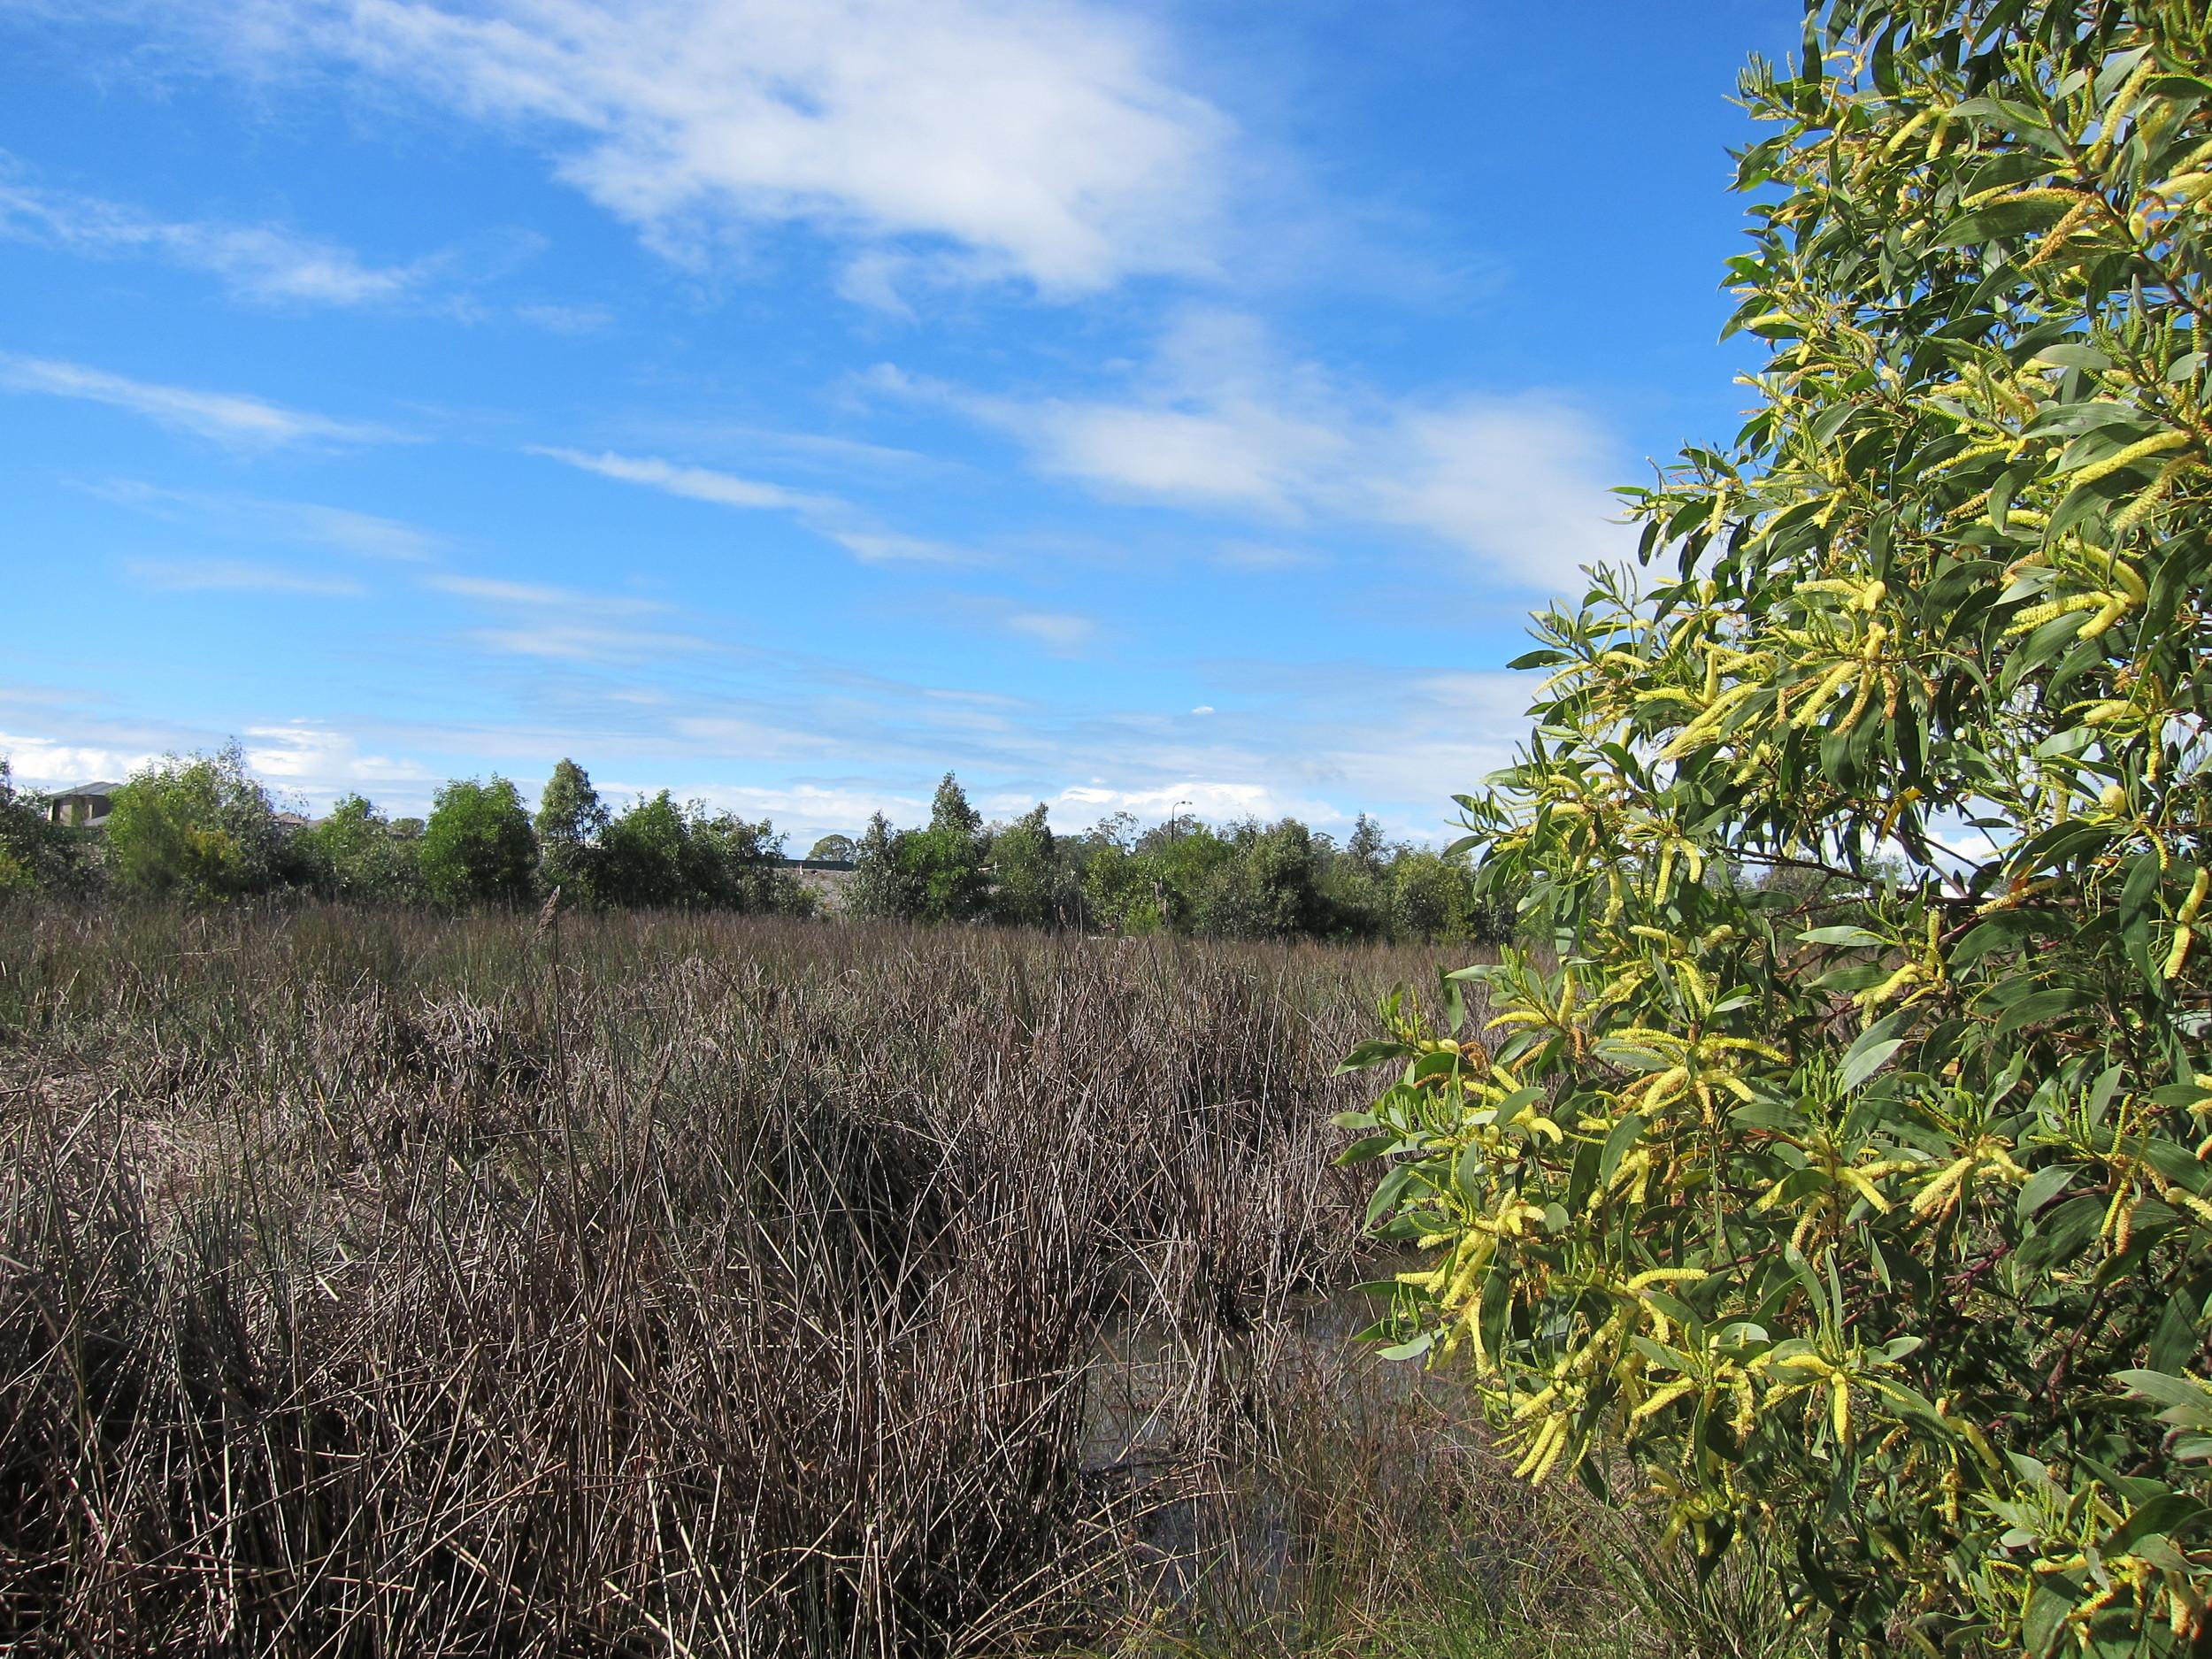 Moondarra St Wetland